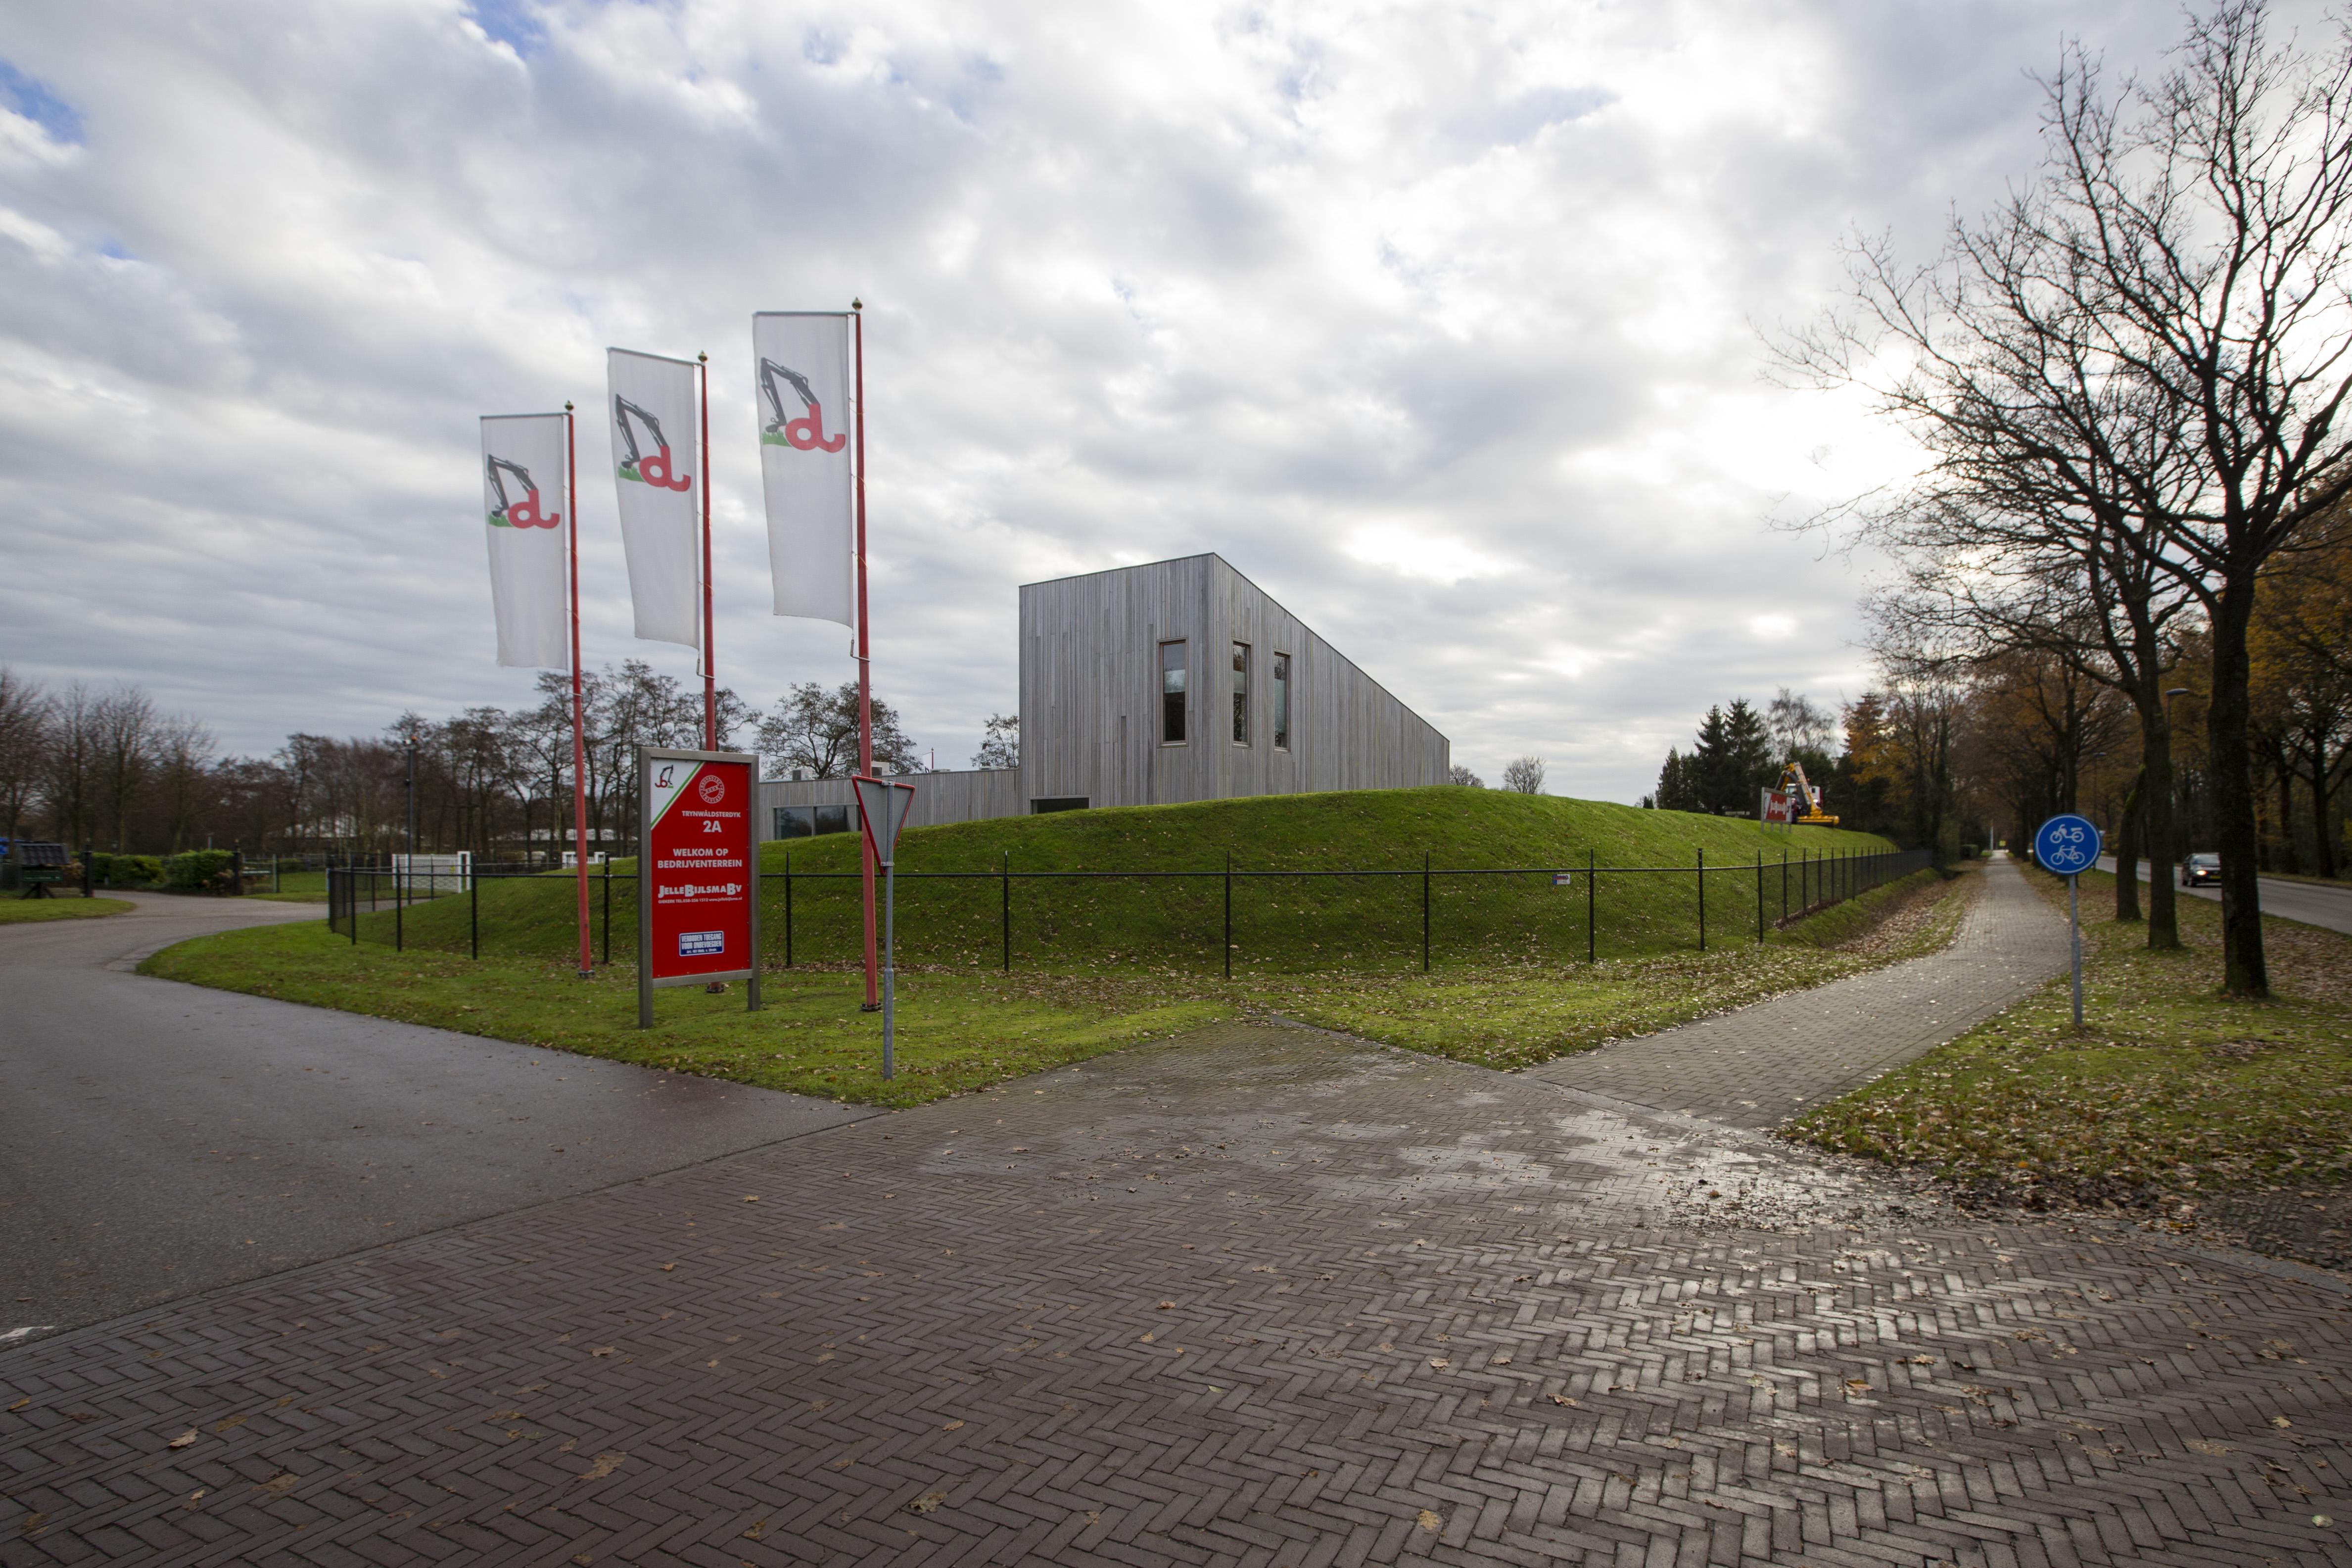 <p>Duurzaamheid troef bij Jelle Bijlsma. Het nieuwe gedeelte van het kantoor is gebouwd met duurzame materialen en voorzien van een sedumdak.</p>